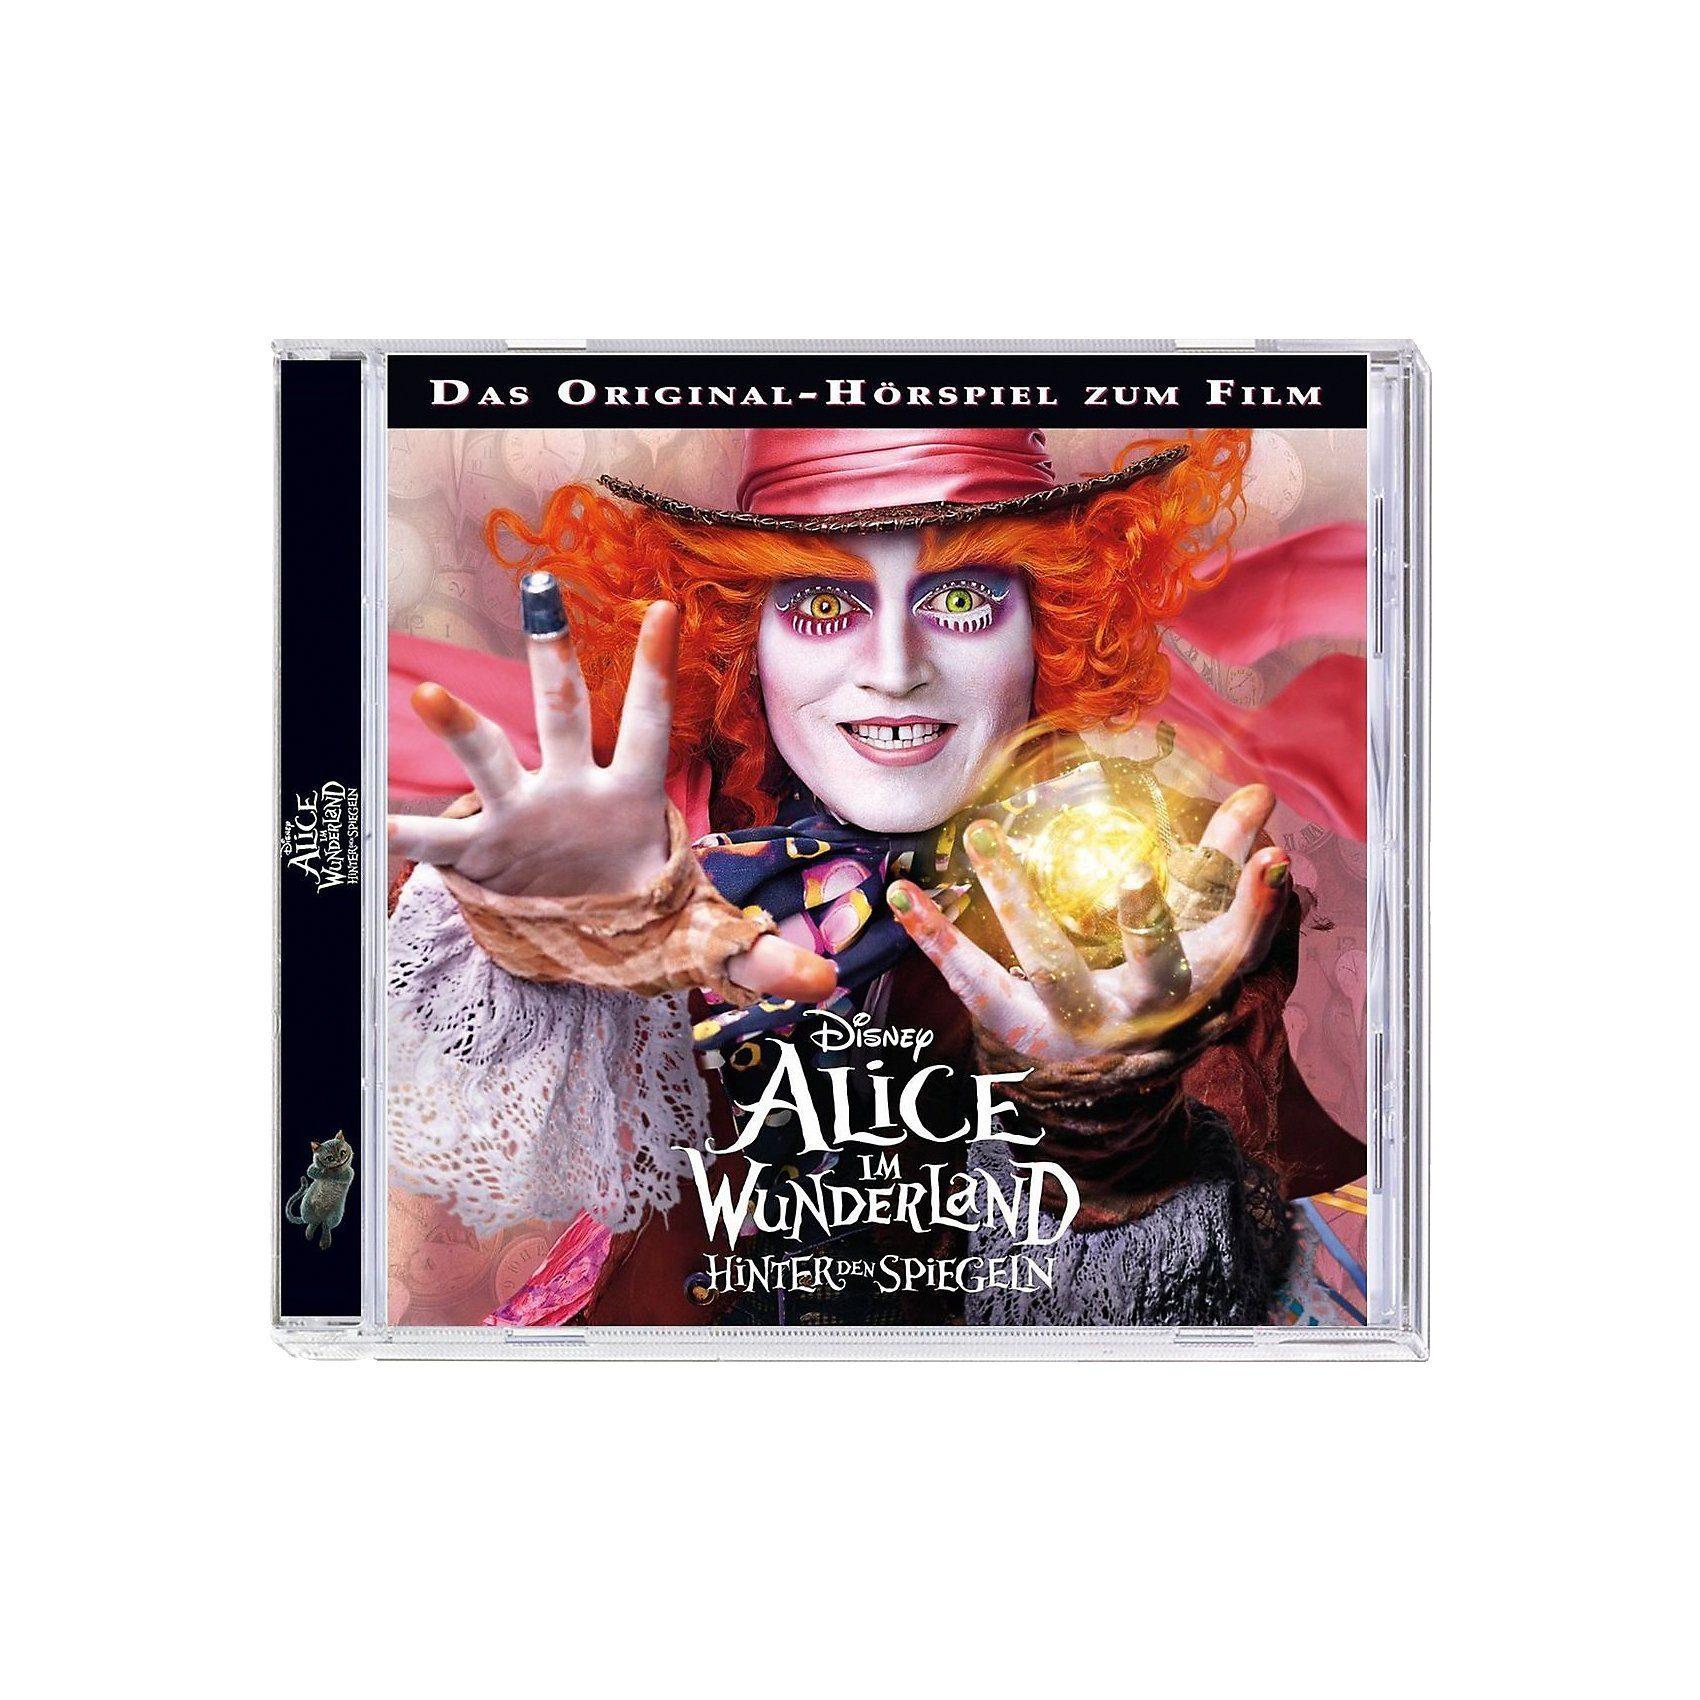 Kiddinx CD Disney Alice im Wunderland - Hinter den Spiegeln